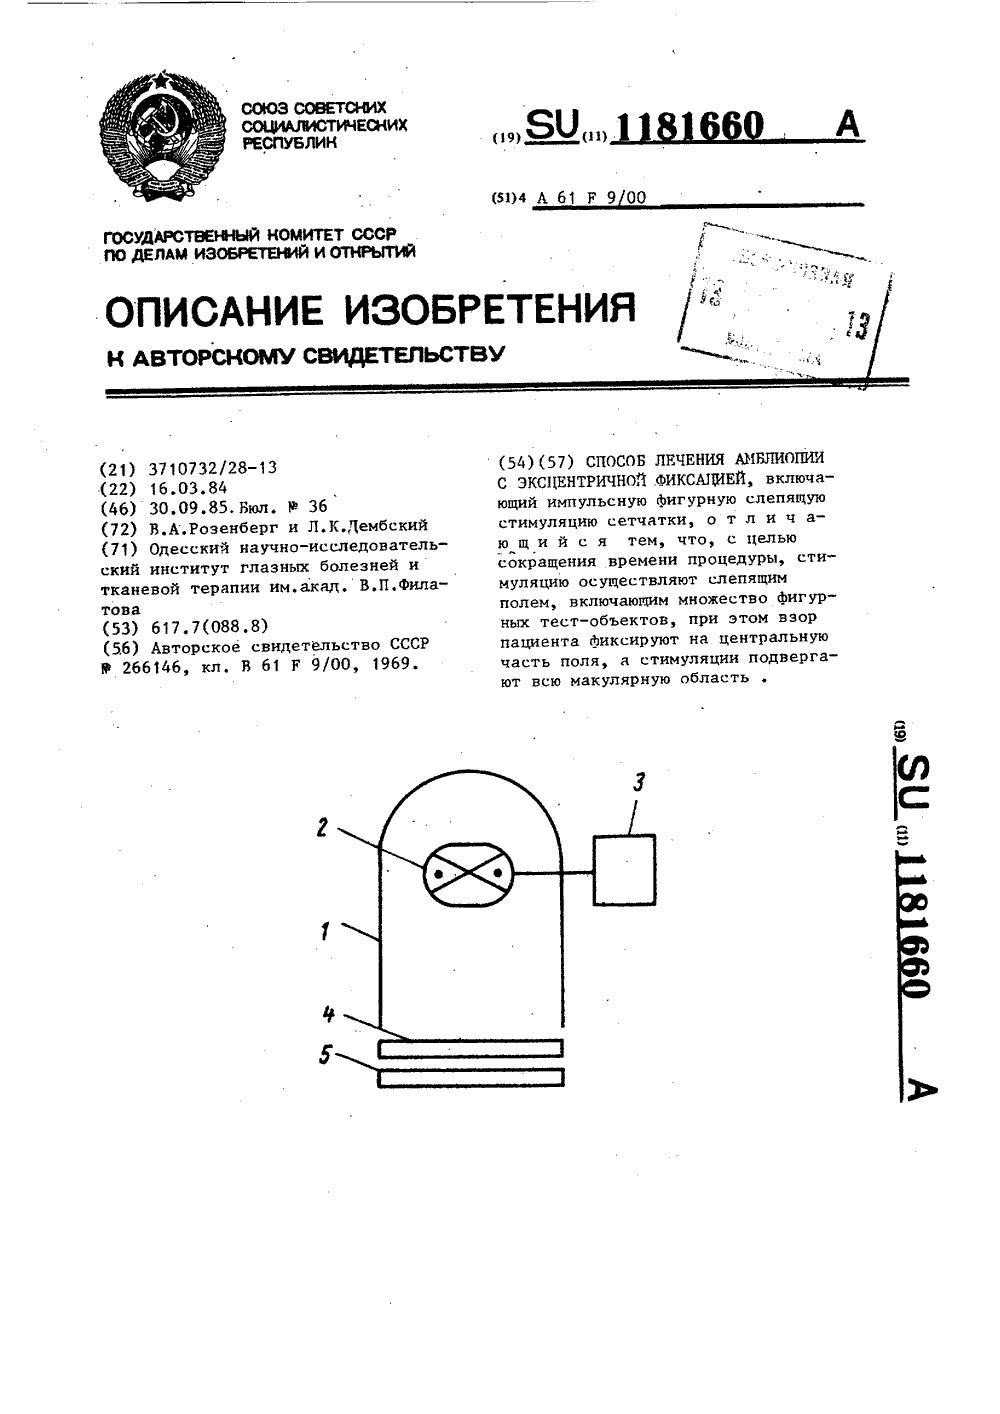 Лазерная коррекция зрения в усть-каменогорске цена